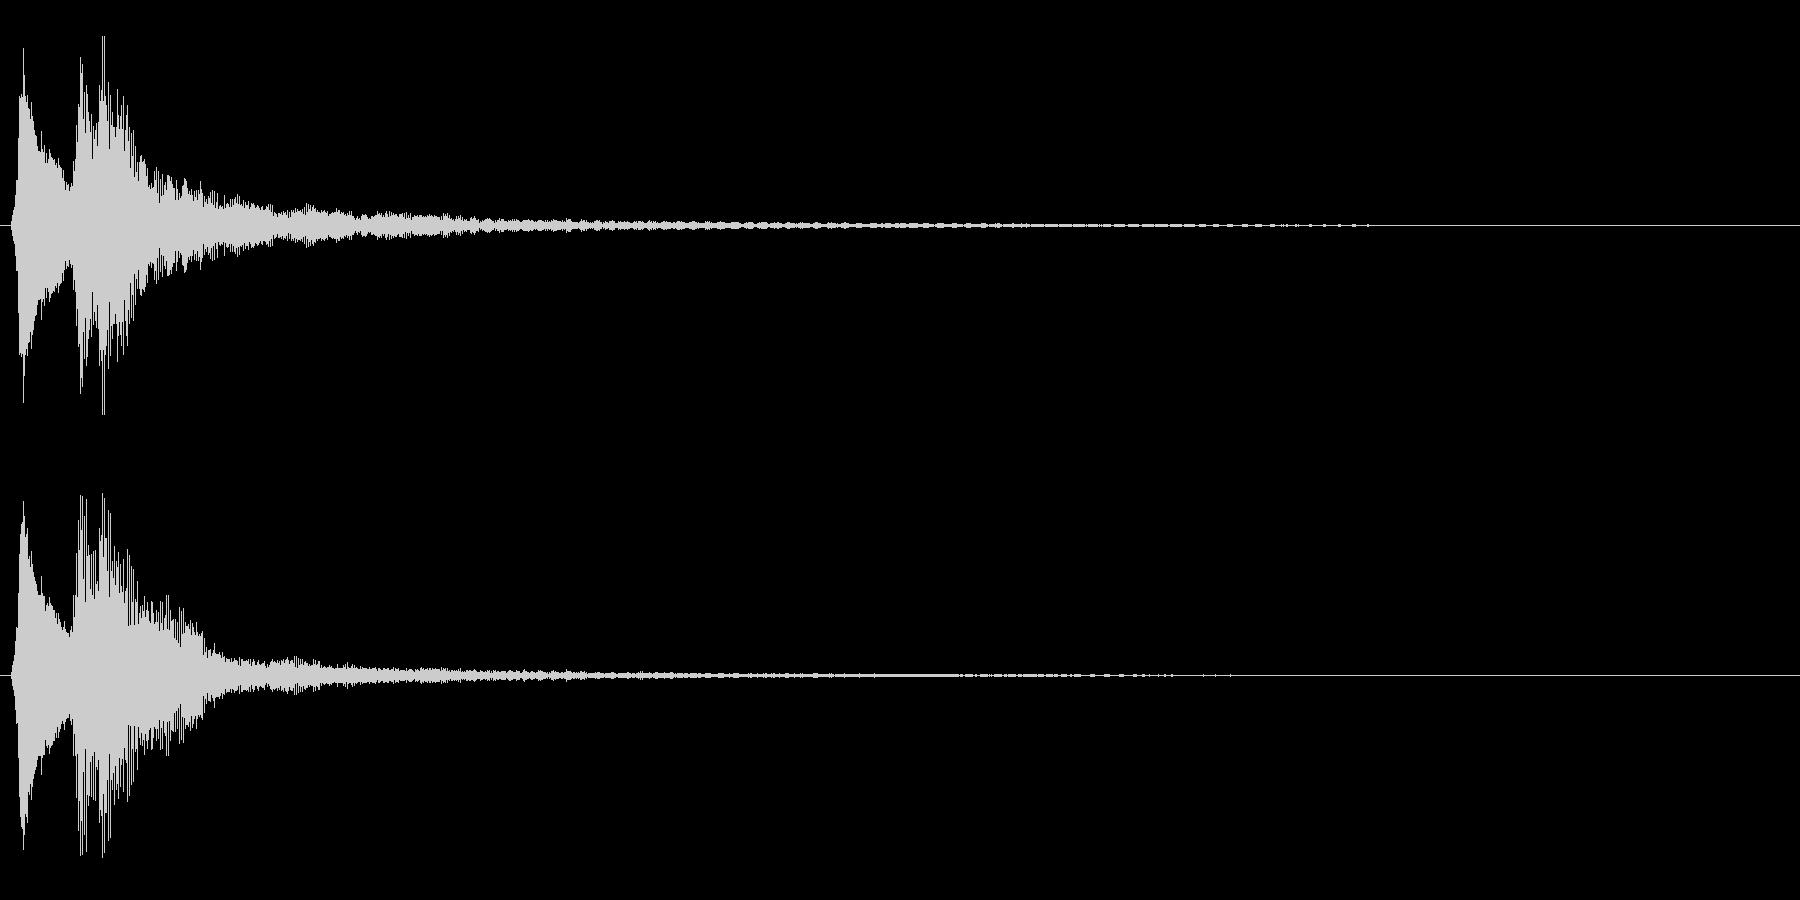 キラーン。きらめく・テロップ音(低め)の未再生の波形